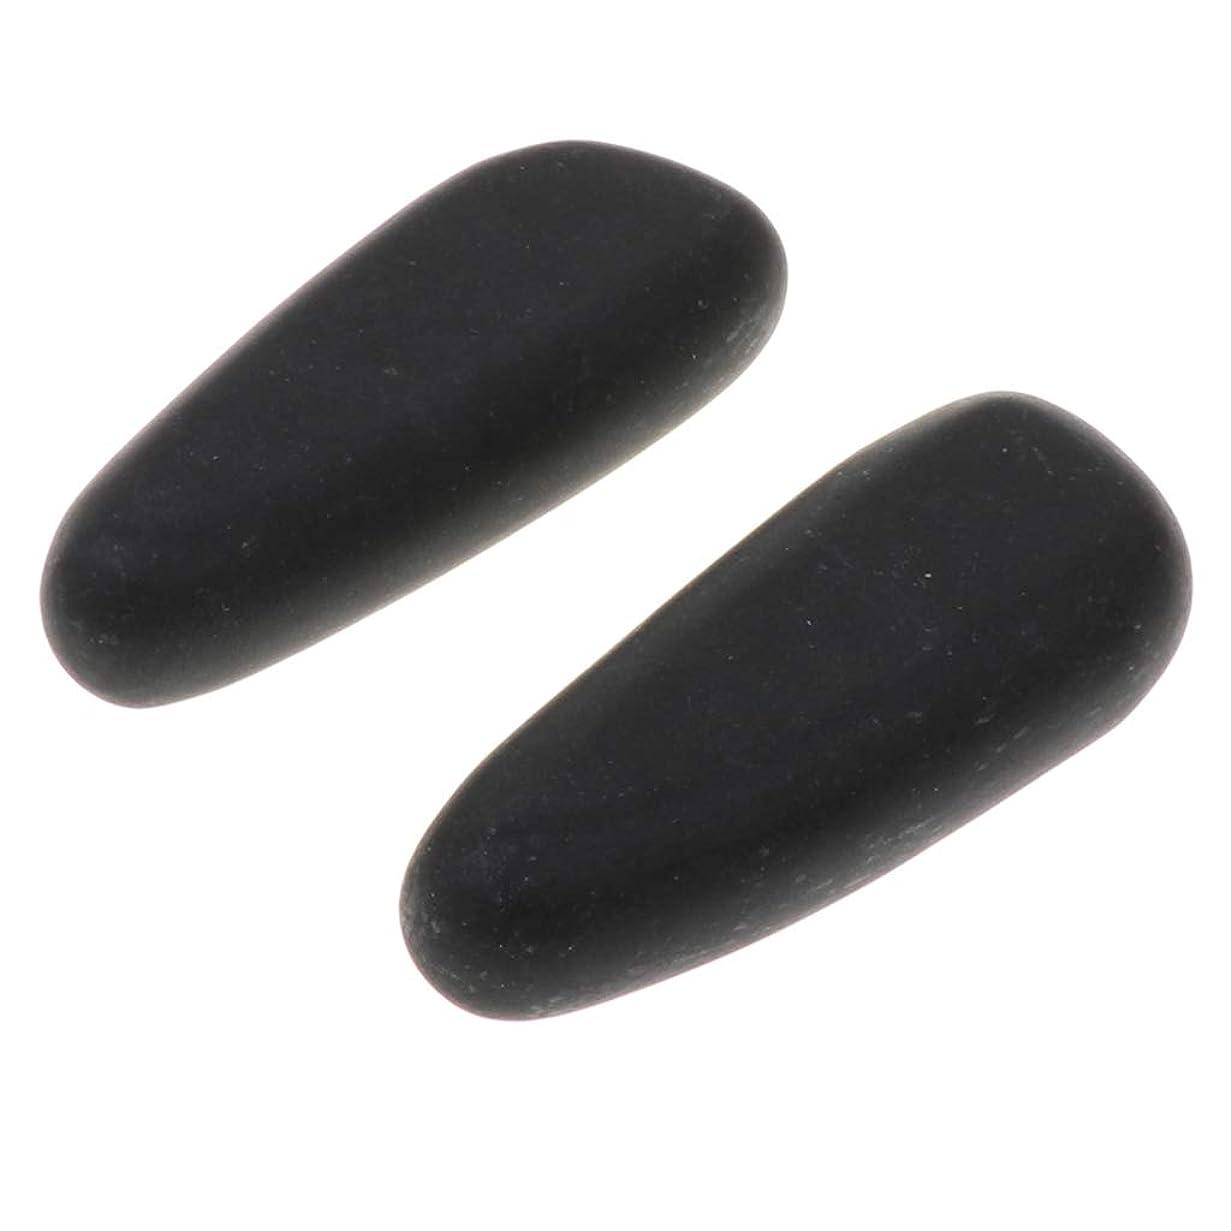 料理をするお風呂あからさまCUTICATE 天然石ホットストーン マッサージ用玄武岩 マッサージストーン ボディマッサージ 実用 2個 全2サイズ - 8×3.2×2cm